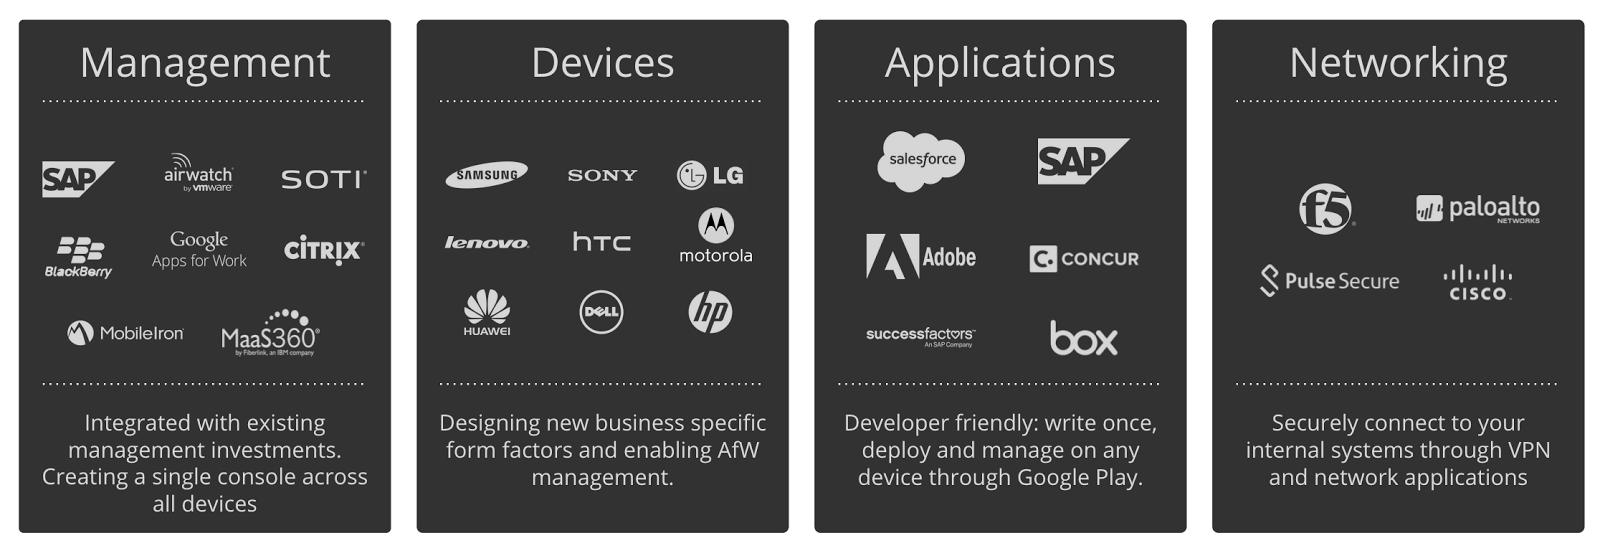 Android for Work anunciado pela Google 1